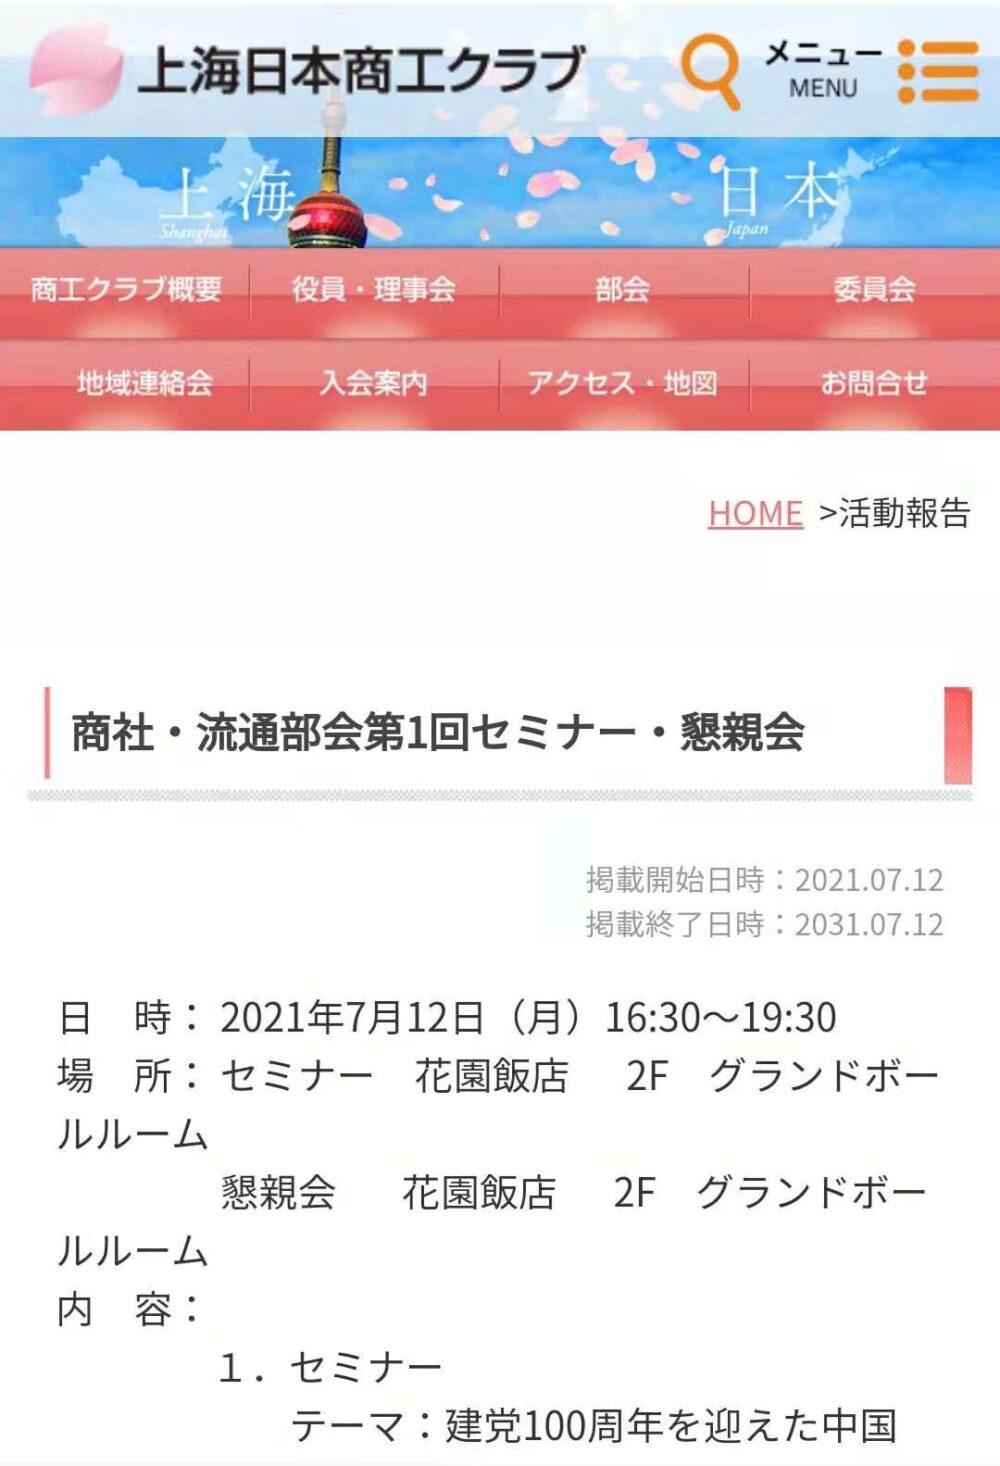 上海商工クラブのセミナー情報の写真